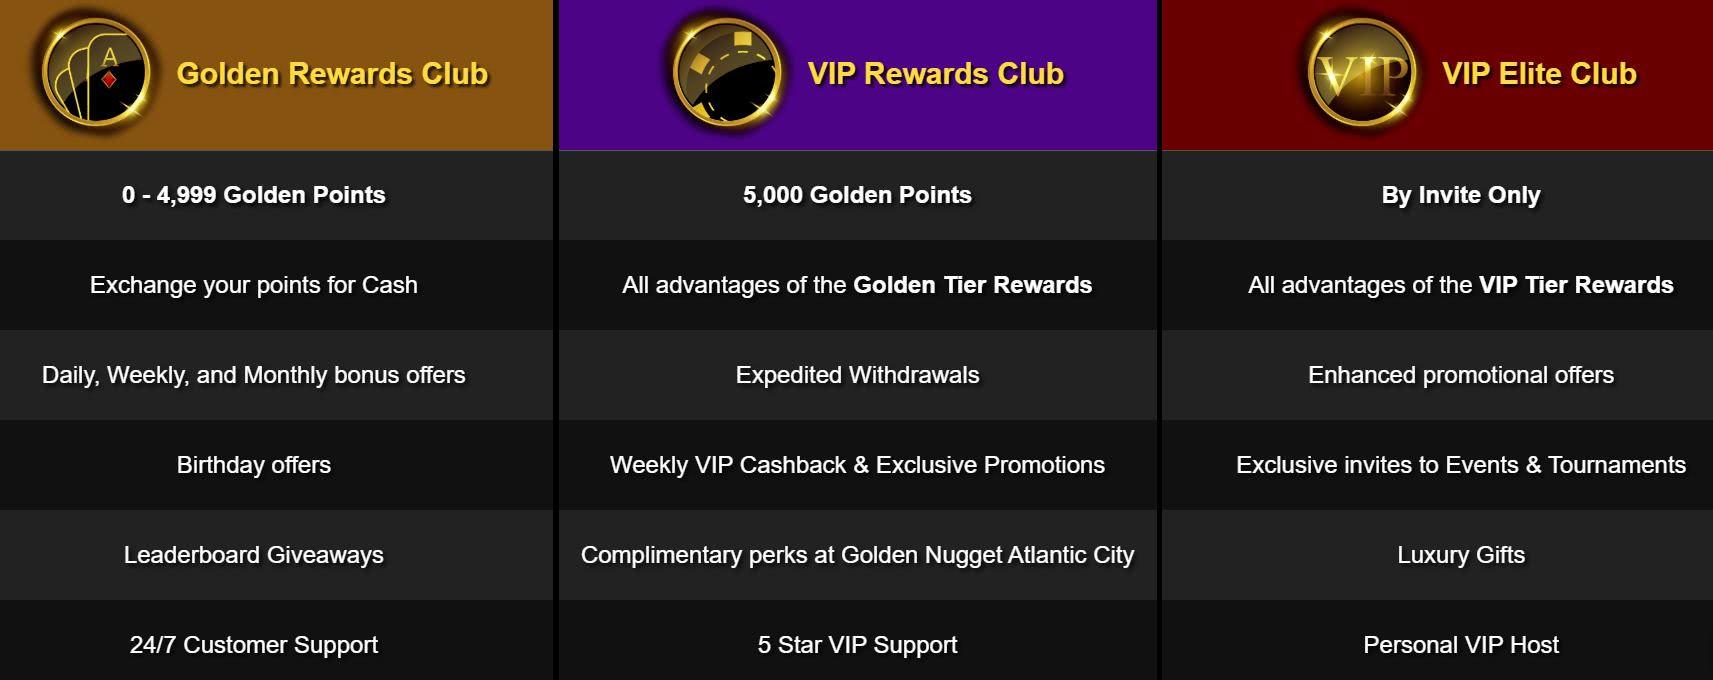 Golden Nugget rewards club